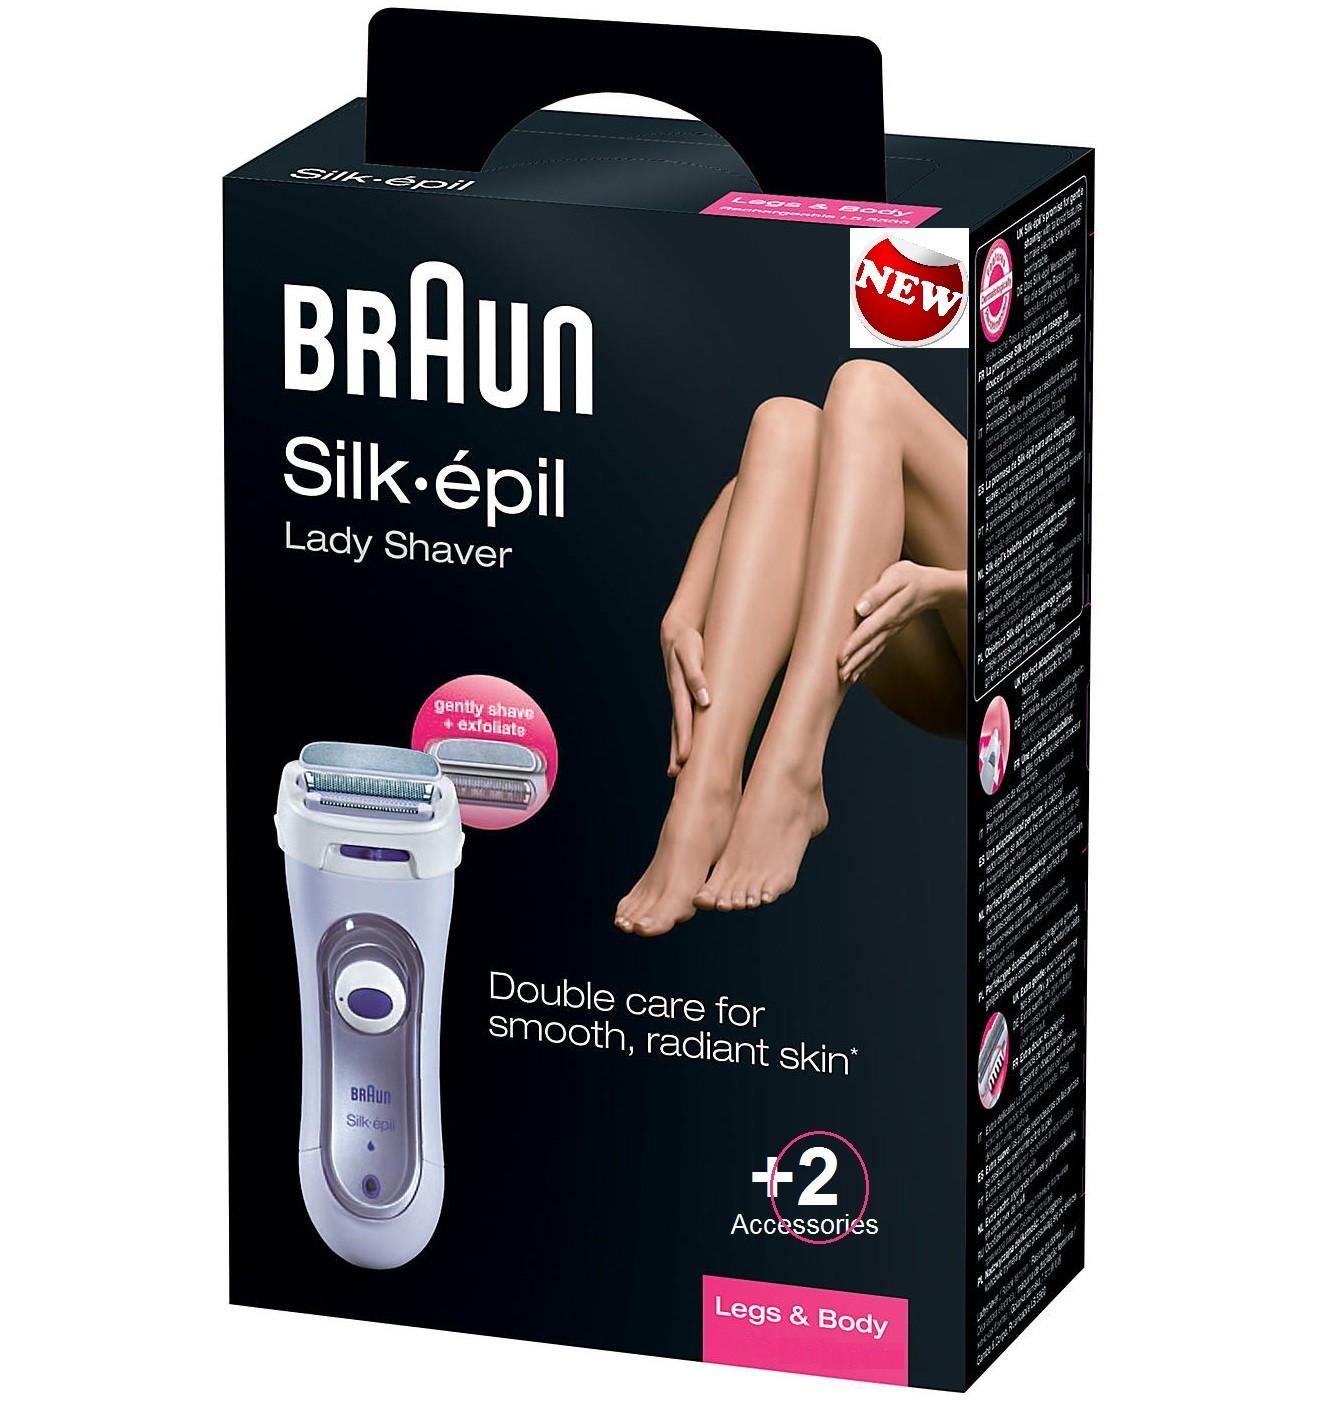 למעלה מכונת גילוח לגוף של נשים | מכשיר להסרת שיער עם סוללות |מכונת גילוח UG-45